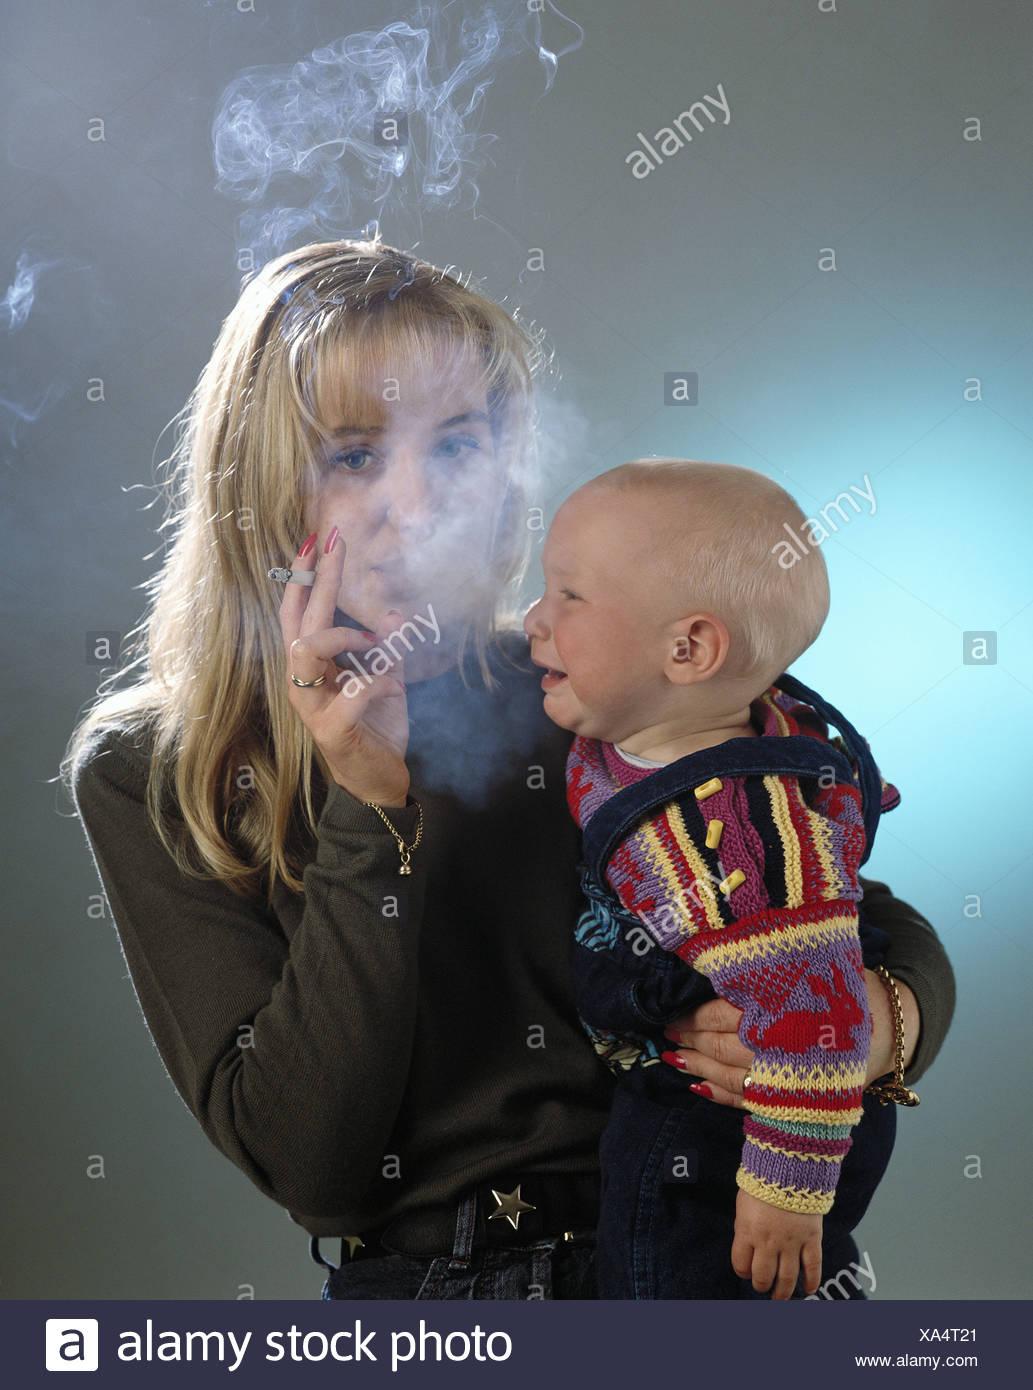 Anti-Raucher-Kampagne-Verbot von Rauchen Rauchen Kind Mutter Nichtraucherschutz rauchende Frau in der Nähe von Tod Stockbild